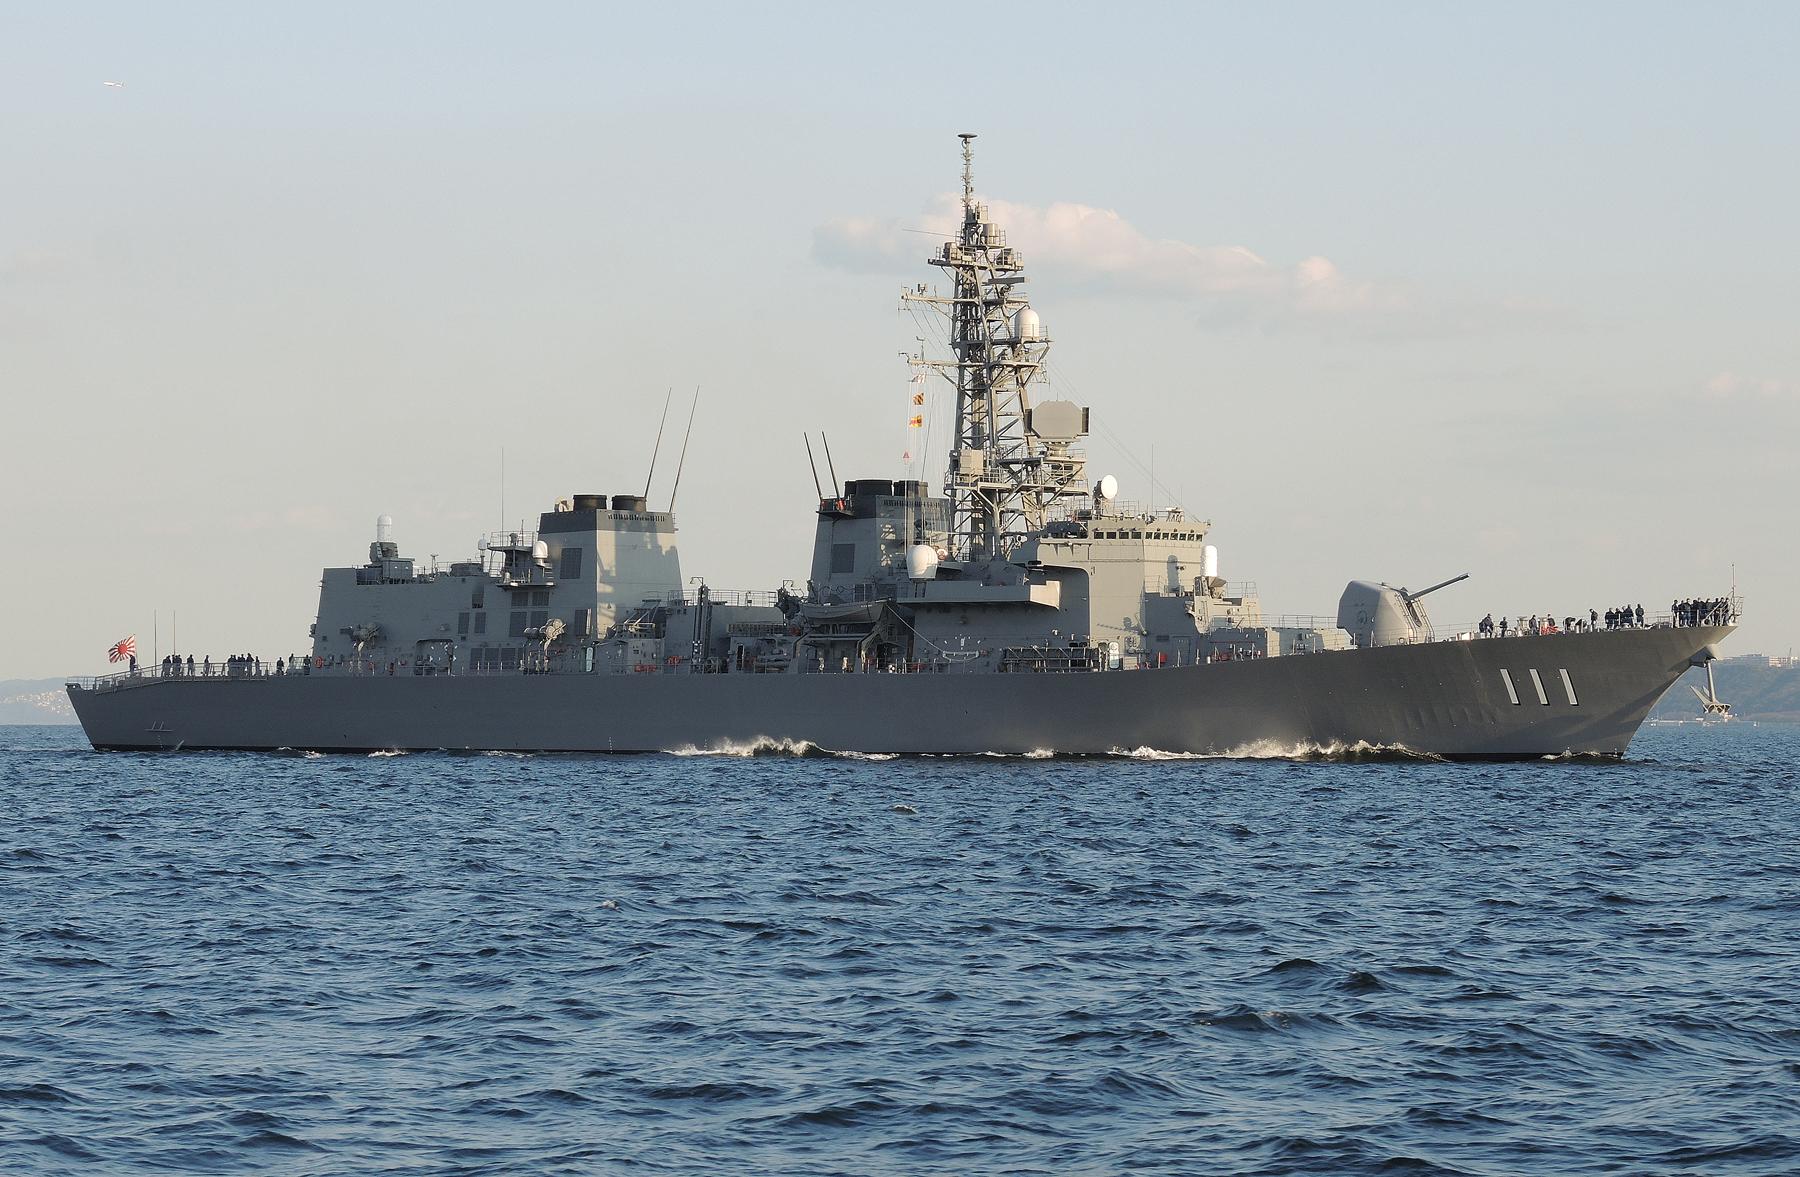 2015年3月25日横須賀に入港する護衛艦おおなみJS Onami DD111